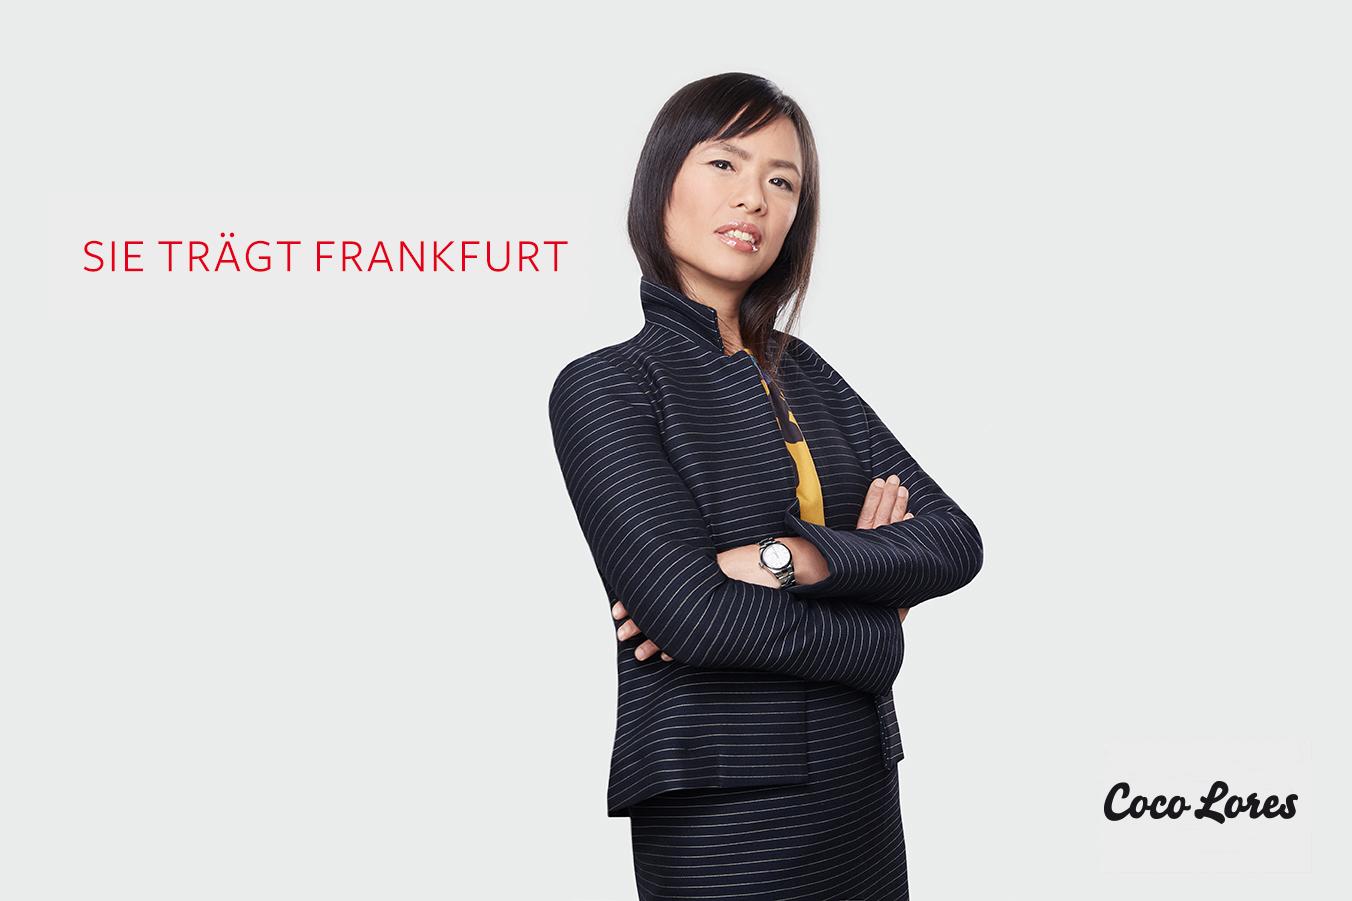 Sie trägt Frankfurt: Melinda Mokrus in Coco Lores